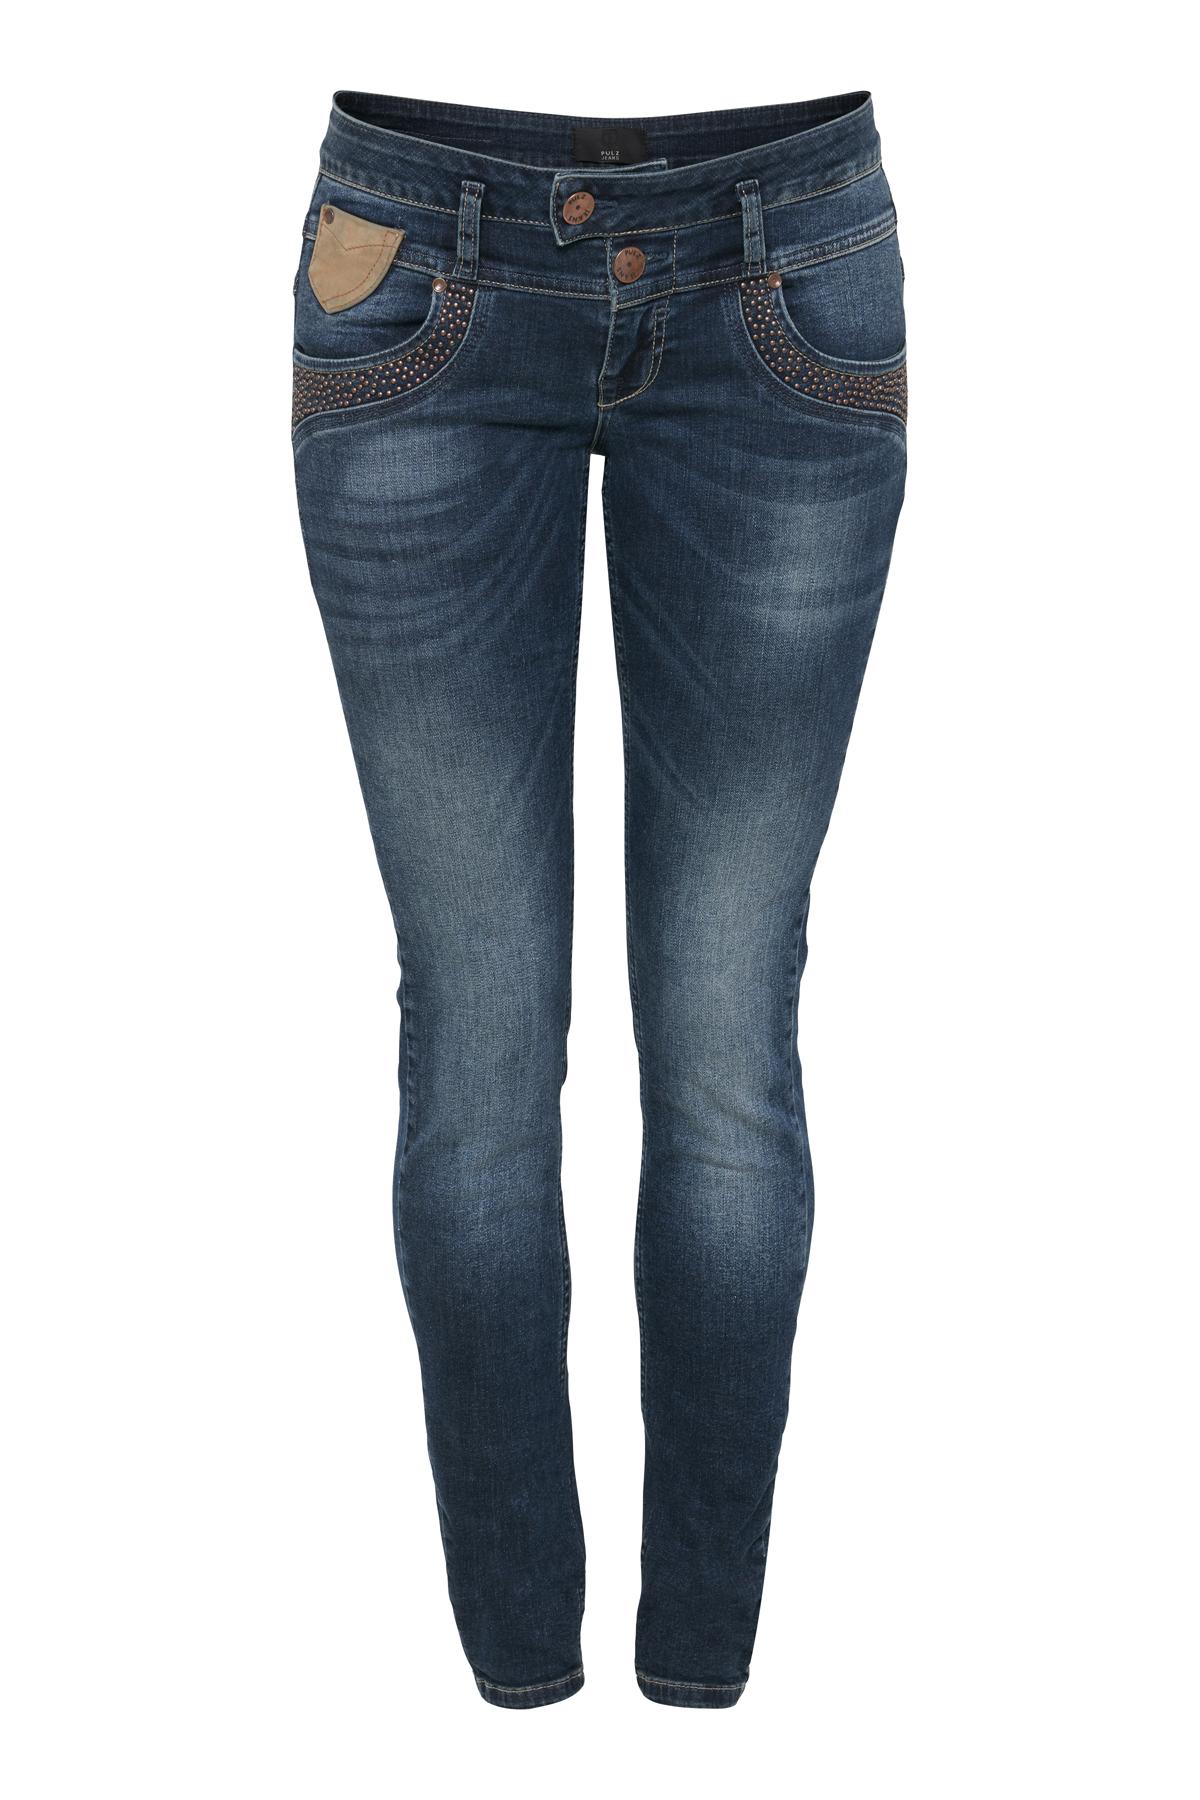 Image of Pulz Jeans Dame PULZ: Super lækre 5-lommet bukser i denimkvalitet med slid detaljer og vask for et råt udtryk. Fast linning, bæltestropper, to synlige knaplukninger og lynlås. Normal pasform med normal taljehøjde og smalle ben. Cowboybukserne til dig som